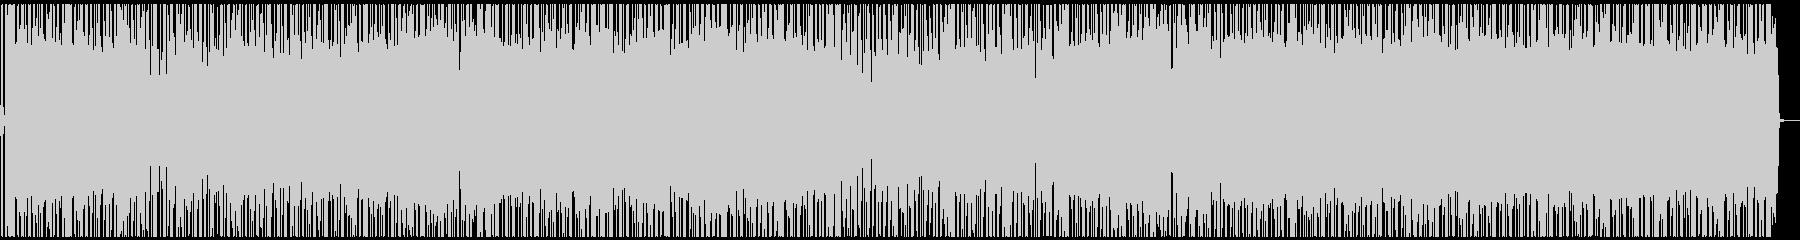 勢いのあるノリノリポップロックの未再生の波形